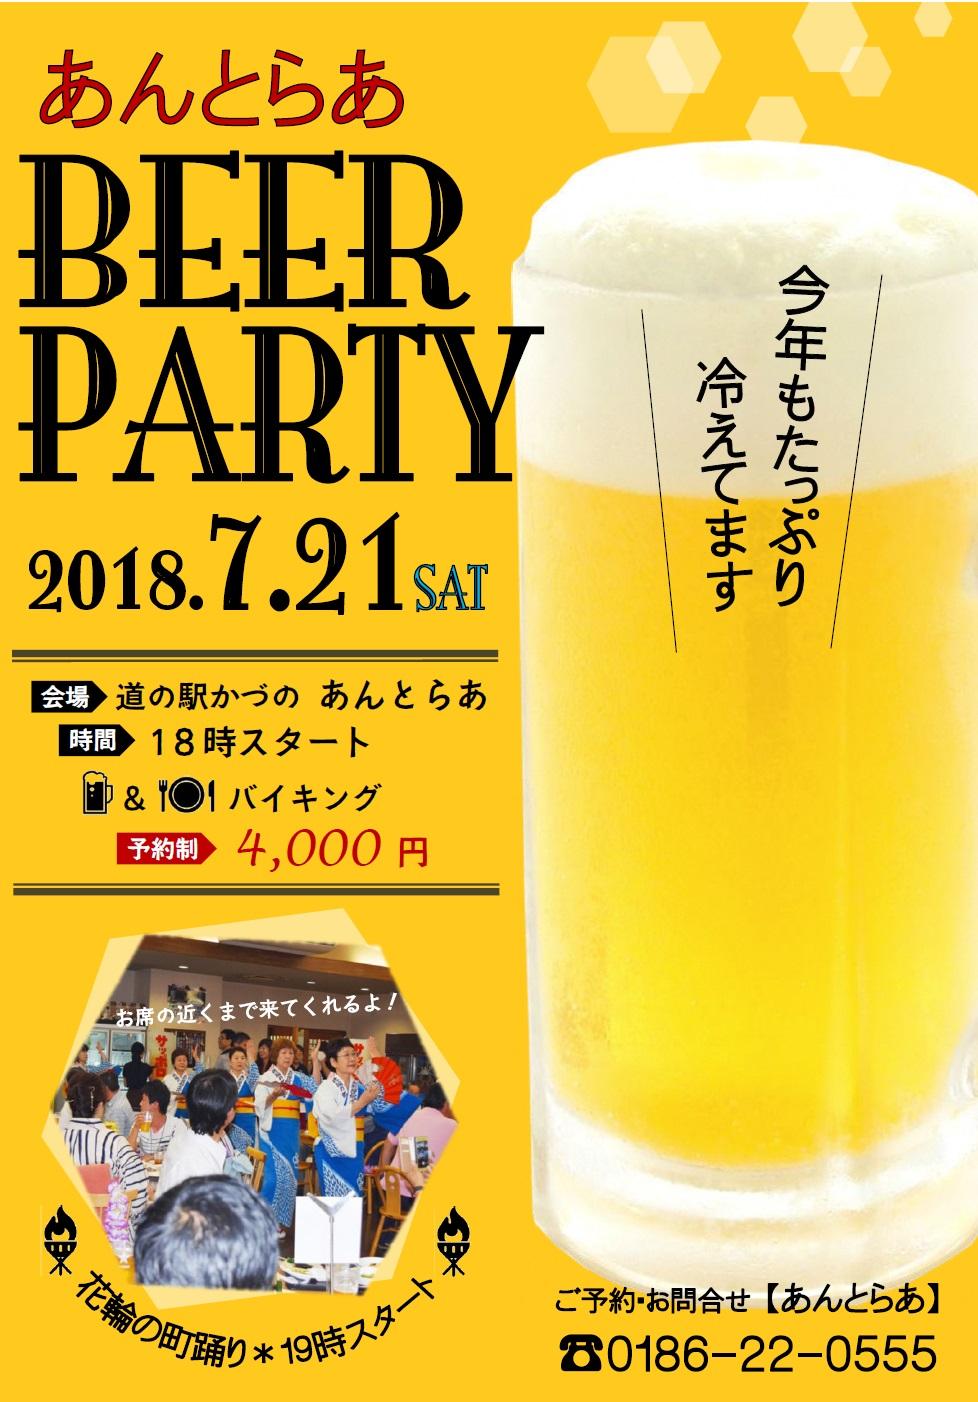 道の駅かづの「あんとらあ BEER PARTY」